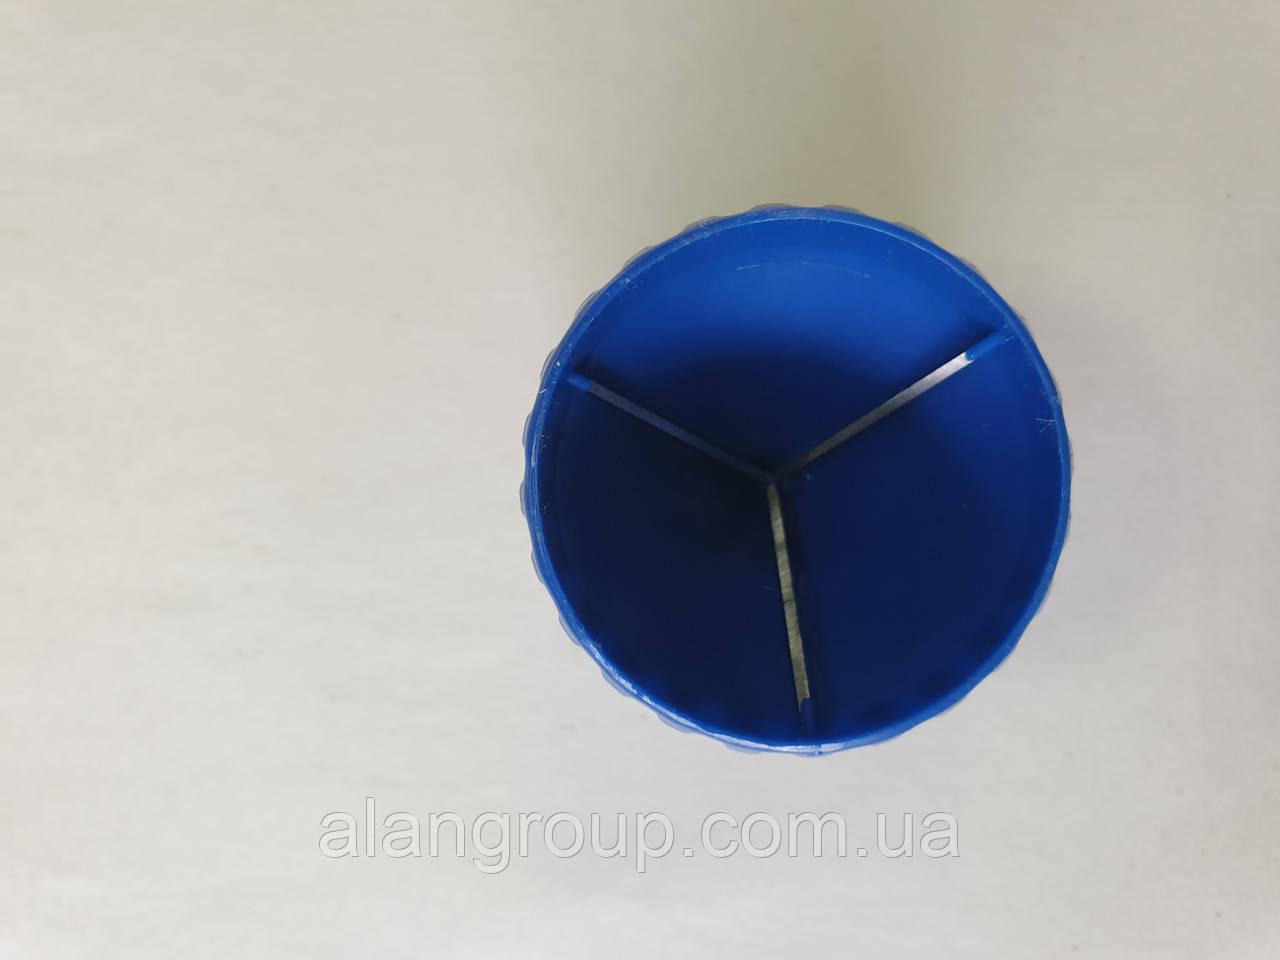 Ріммер круглий VALUE VRT 301 (4-40мм )